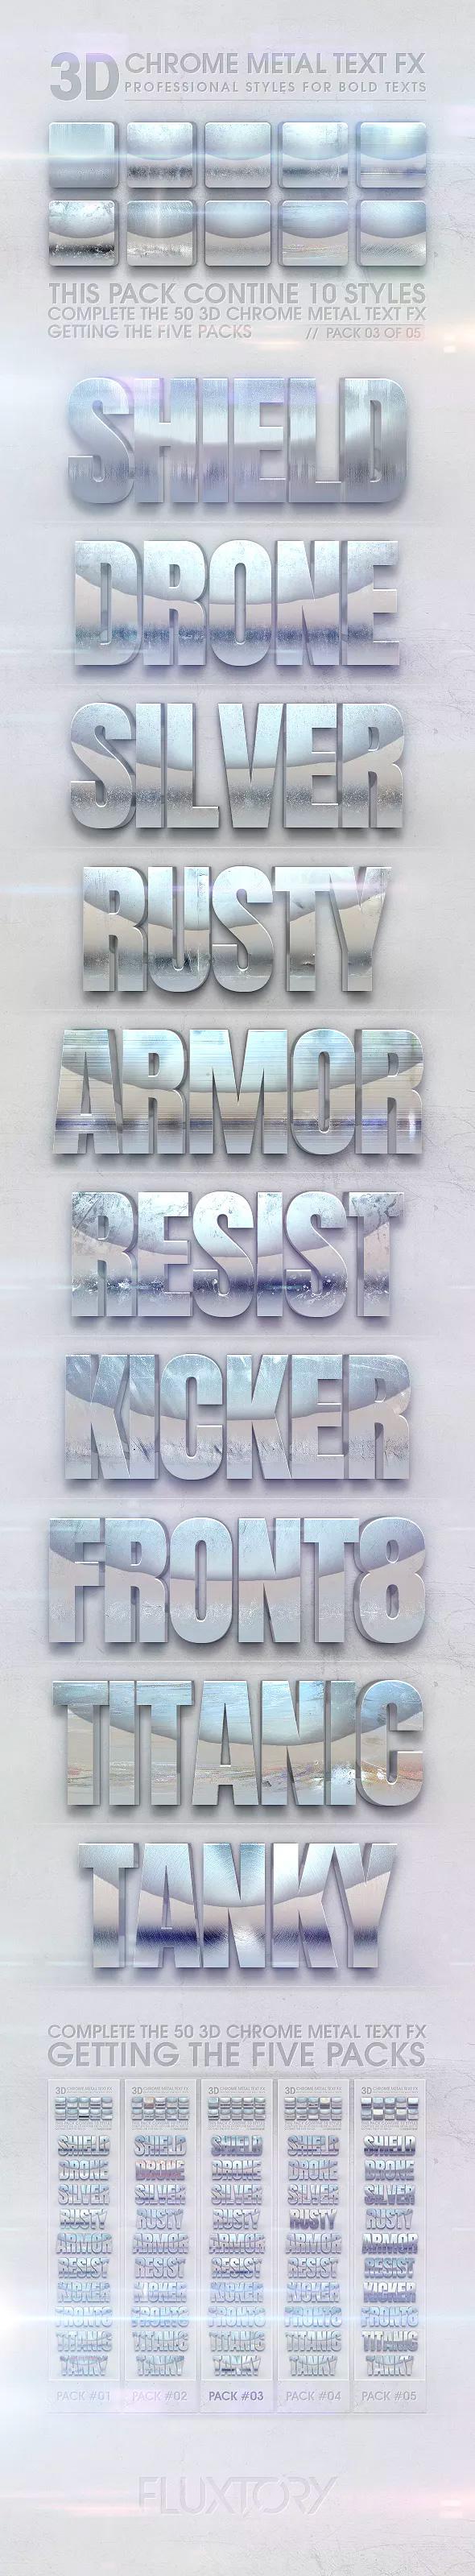 多种专业的不同质感的3D金属字体PS图层样式下载 [PSD]